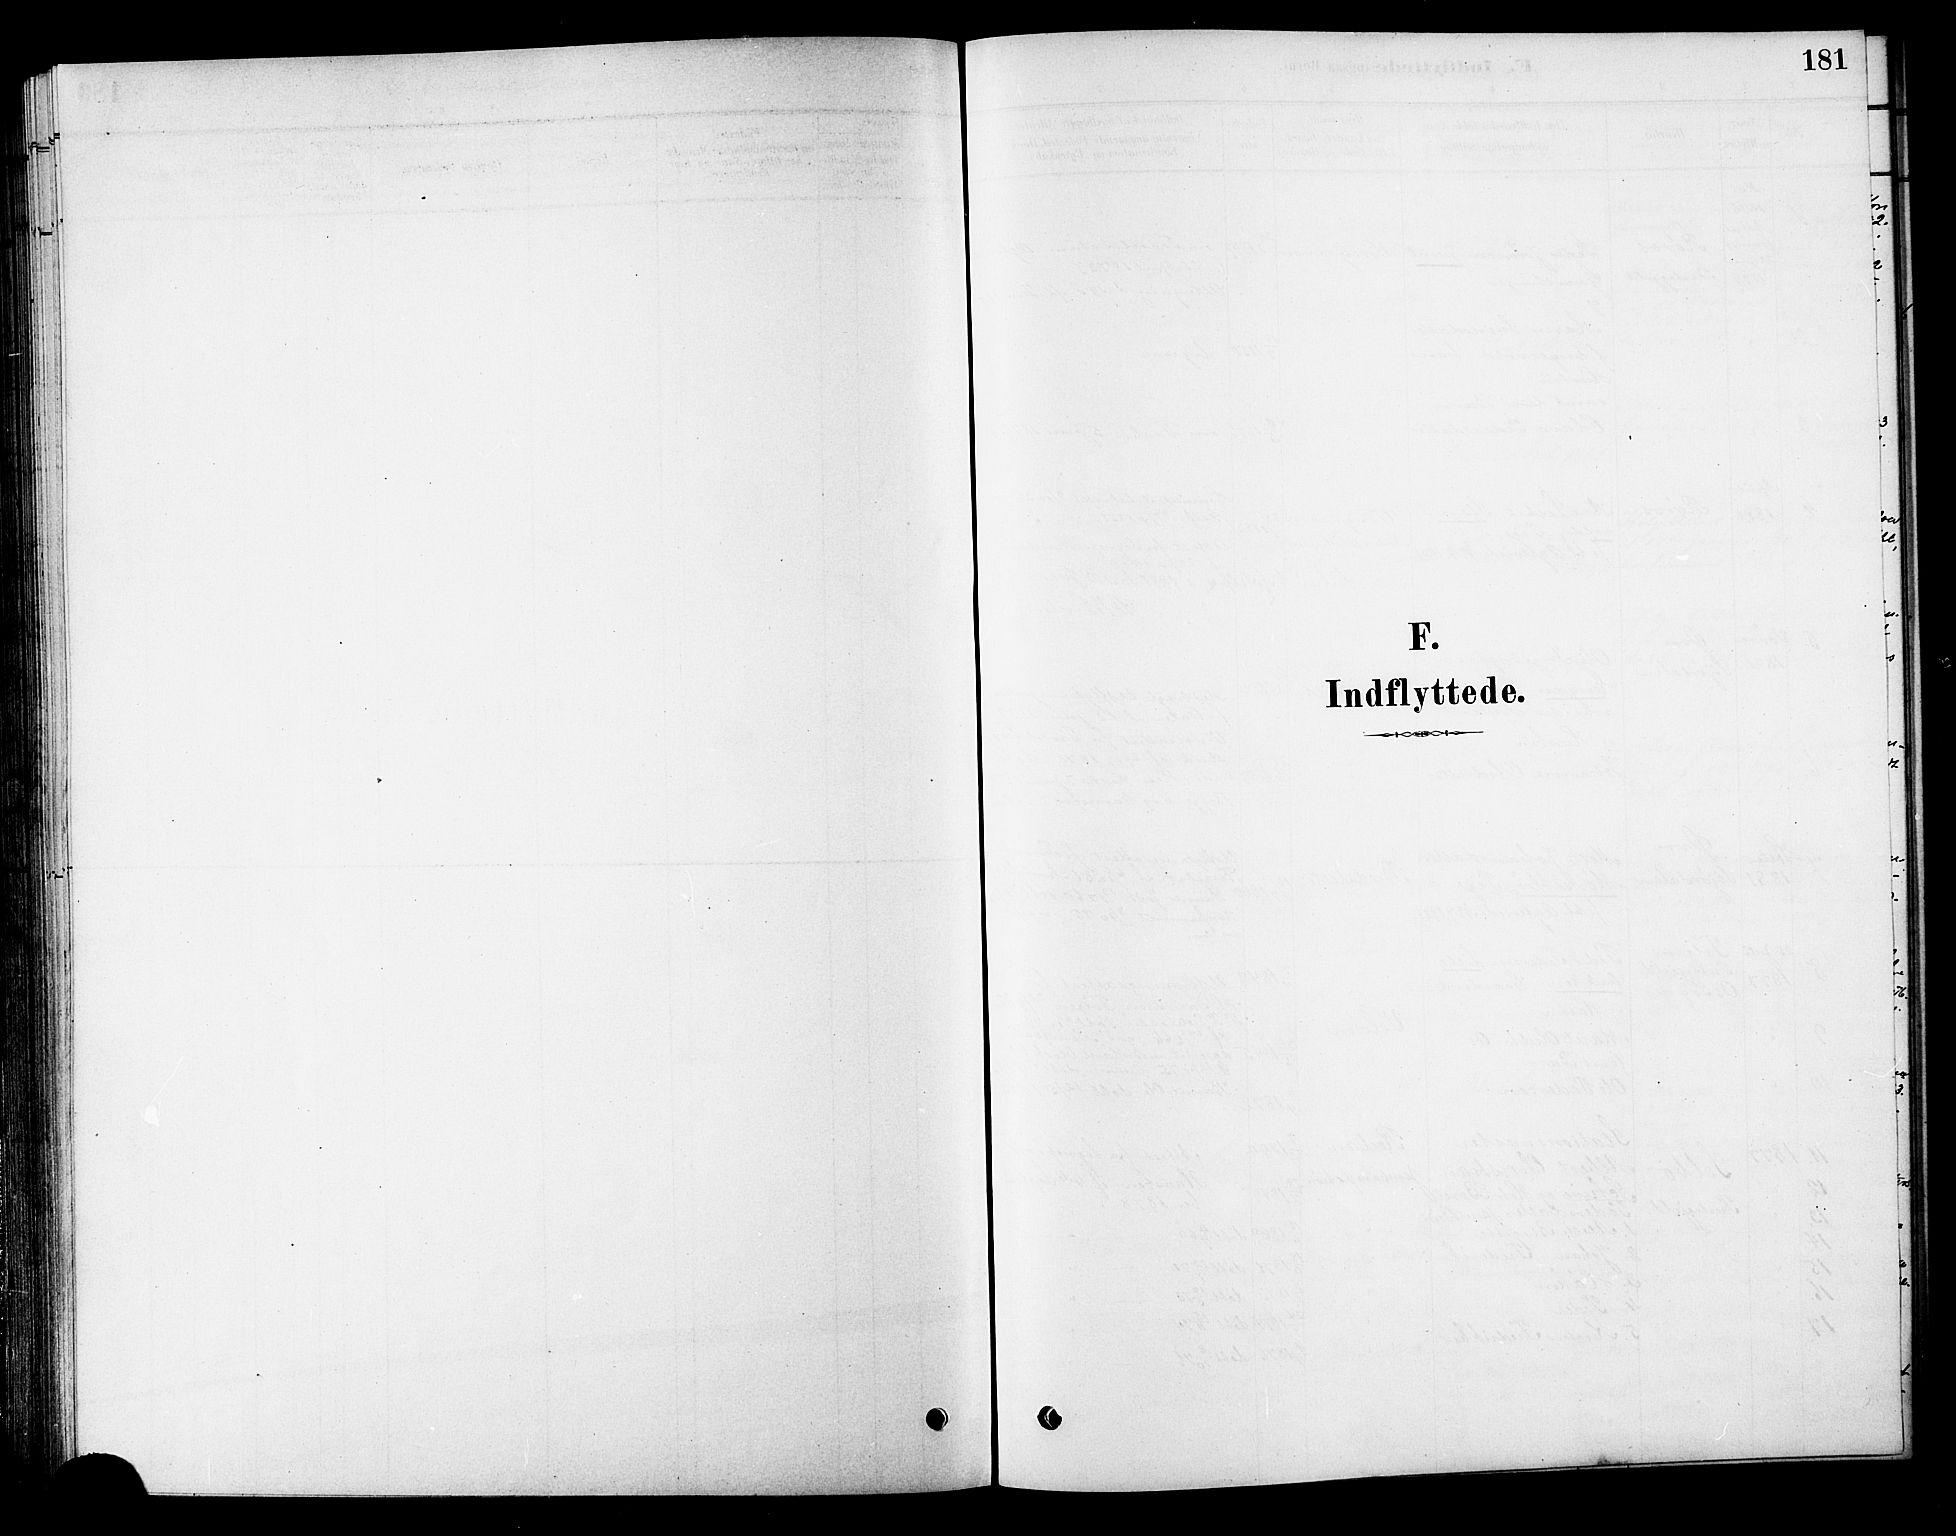 SAT, Ministerialprotokoller, klokkerbøker og fødselsregistre - Sør-Trøndelag, 686/L0983: Ministerialbok nr. 686A01, 1879-1890, s. 181